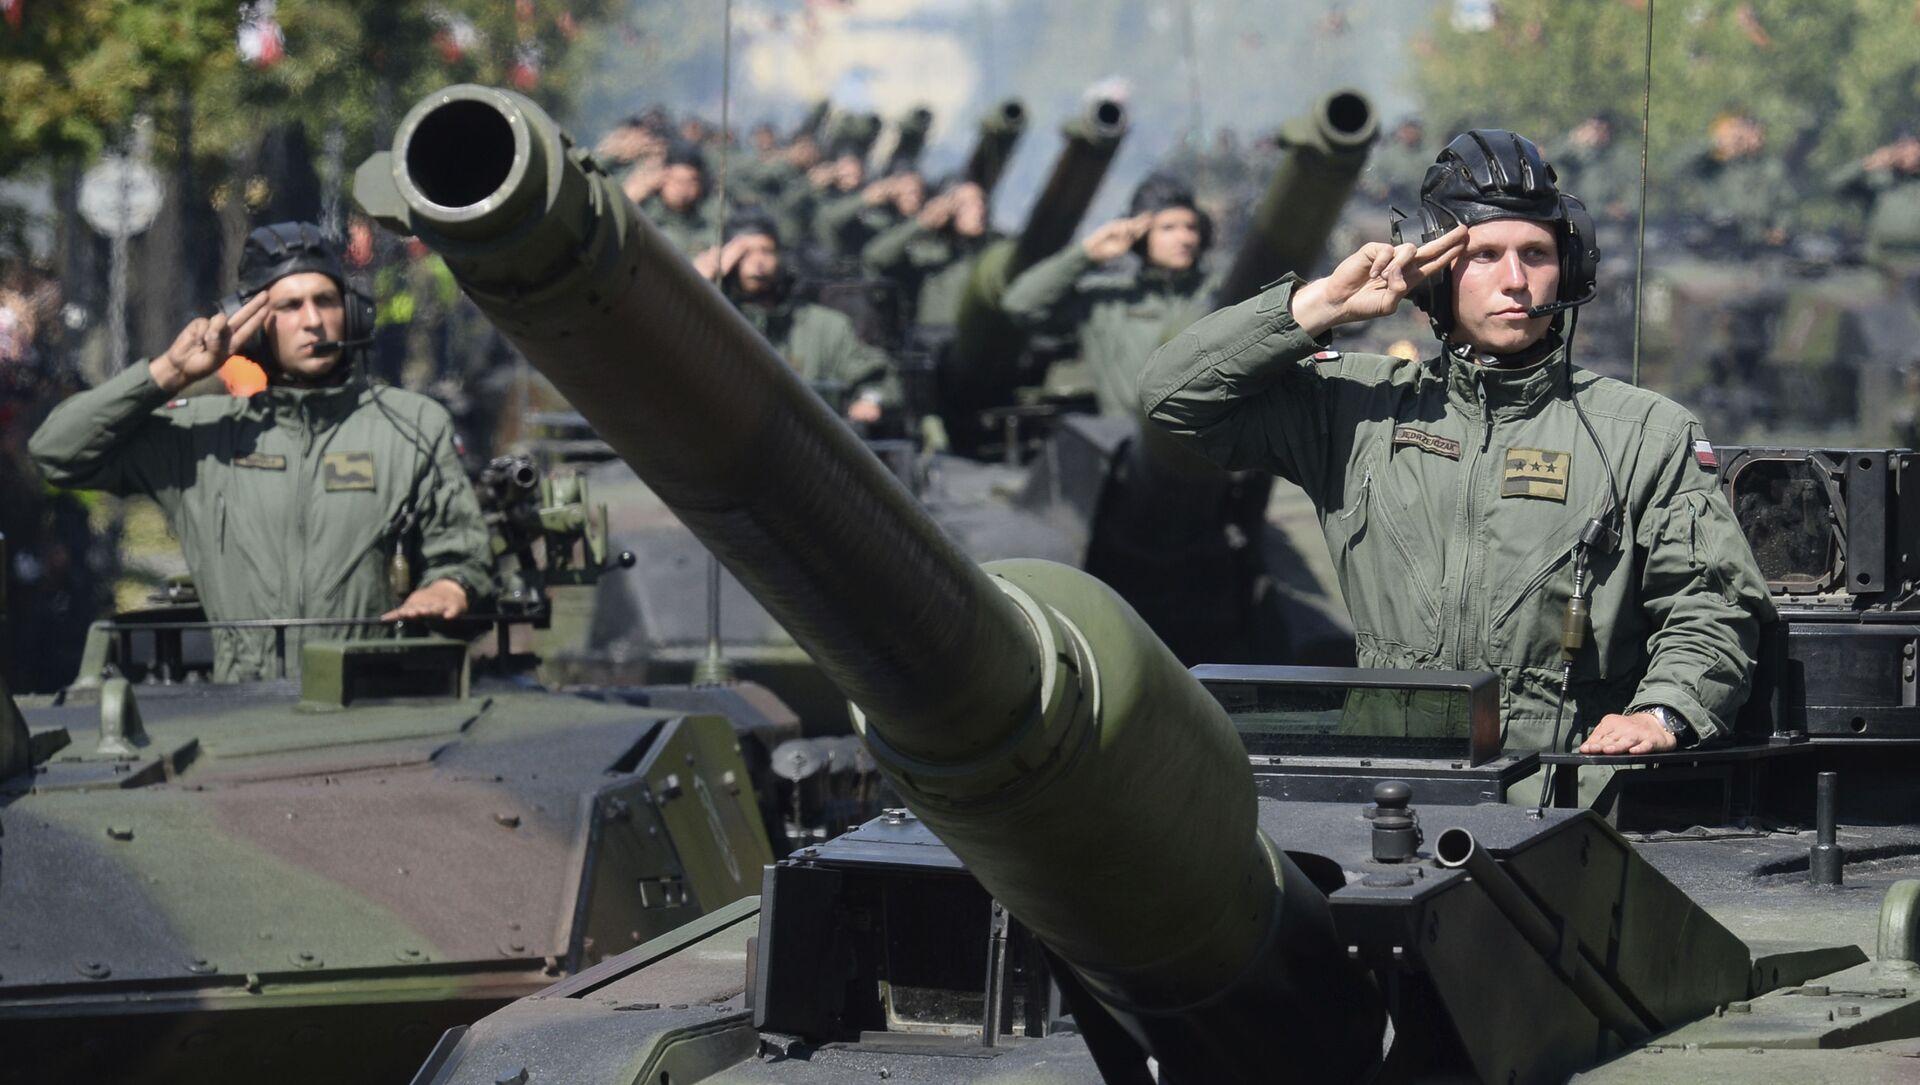 Lễ duyệt binh để vinh danh Ngày Quân đội Ba Lan ở Warsaw - Sputnik Việt Nam, 1920, 28.06.2021